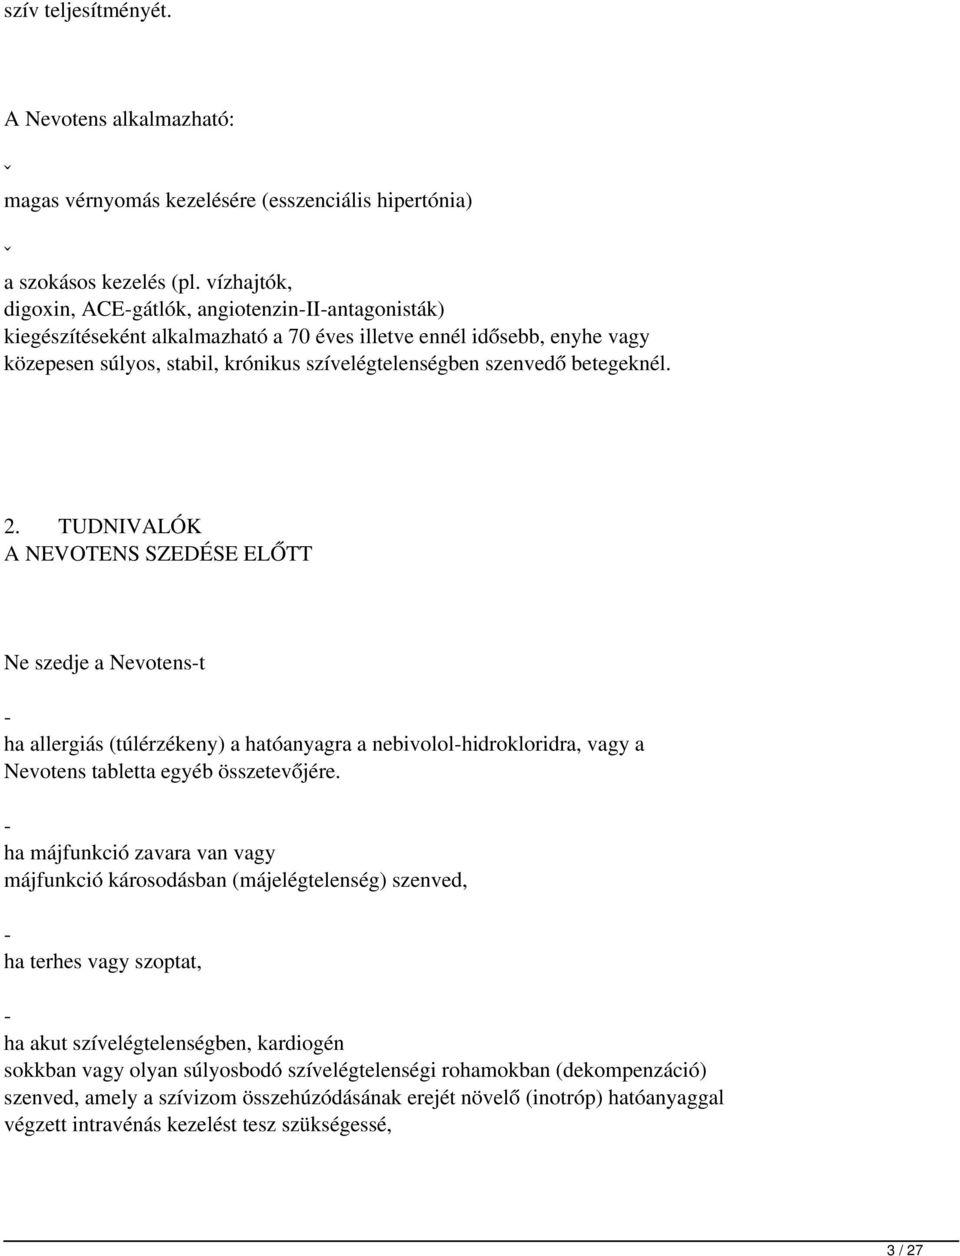 moxonidin gyógyszer magas vérnyomás ellen)